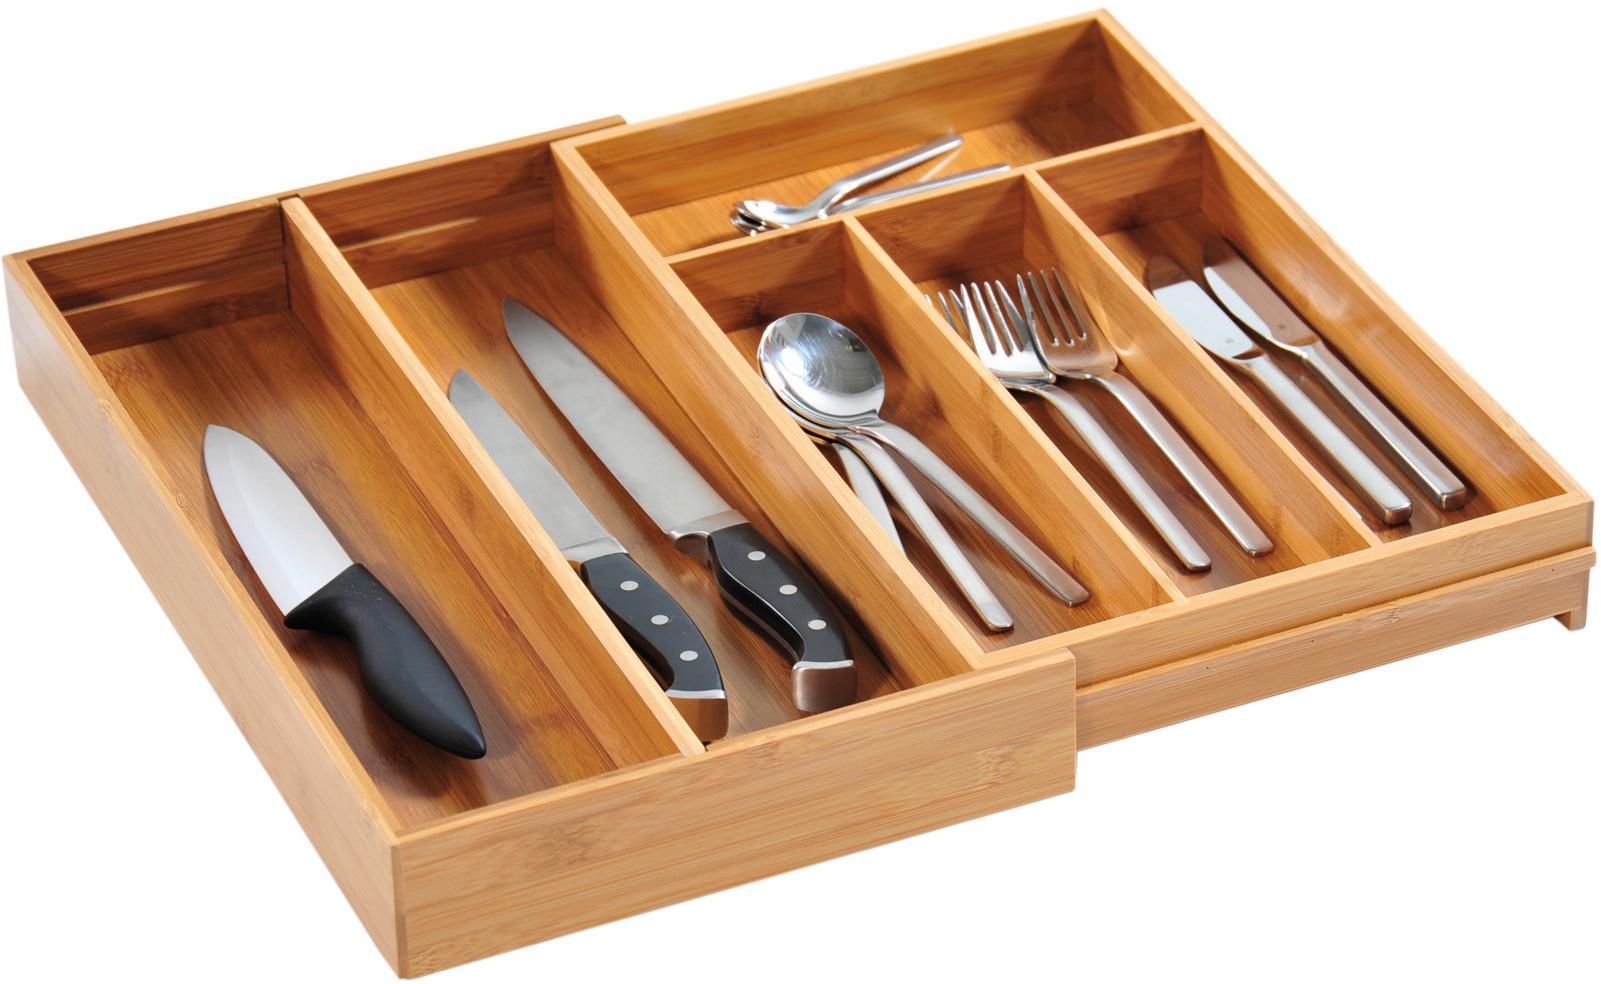 KESPER for kitchen & home Besteckkasten | Küche und Esszimmer > Küchen-Zubehör > Halter und Haken | Bambus | KESPER FOR KITCHEN & HOME